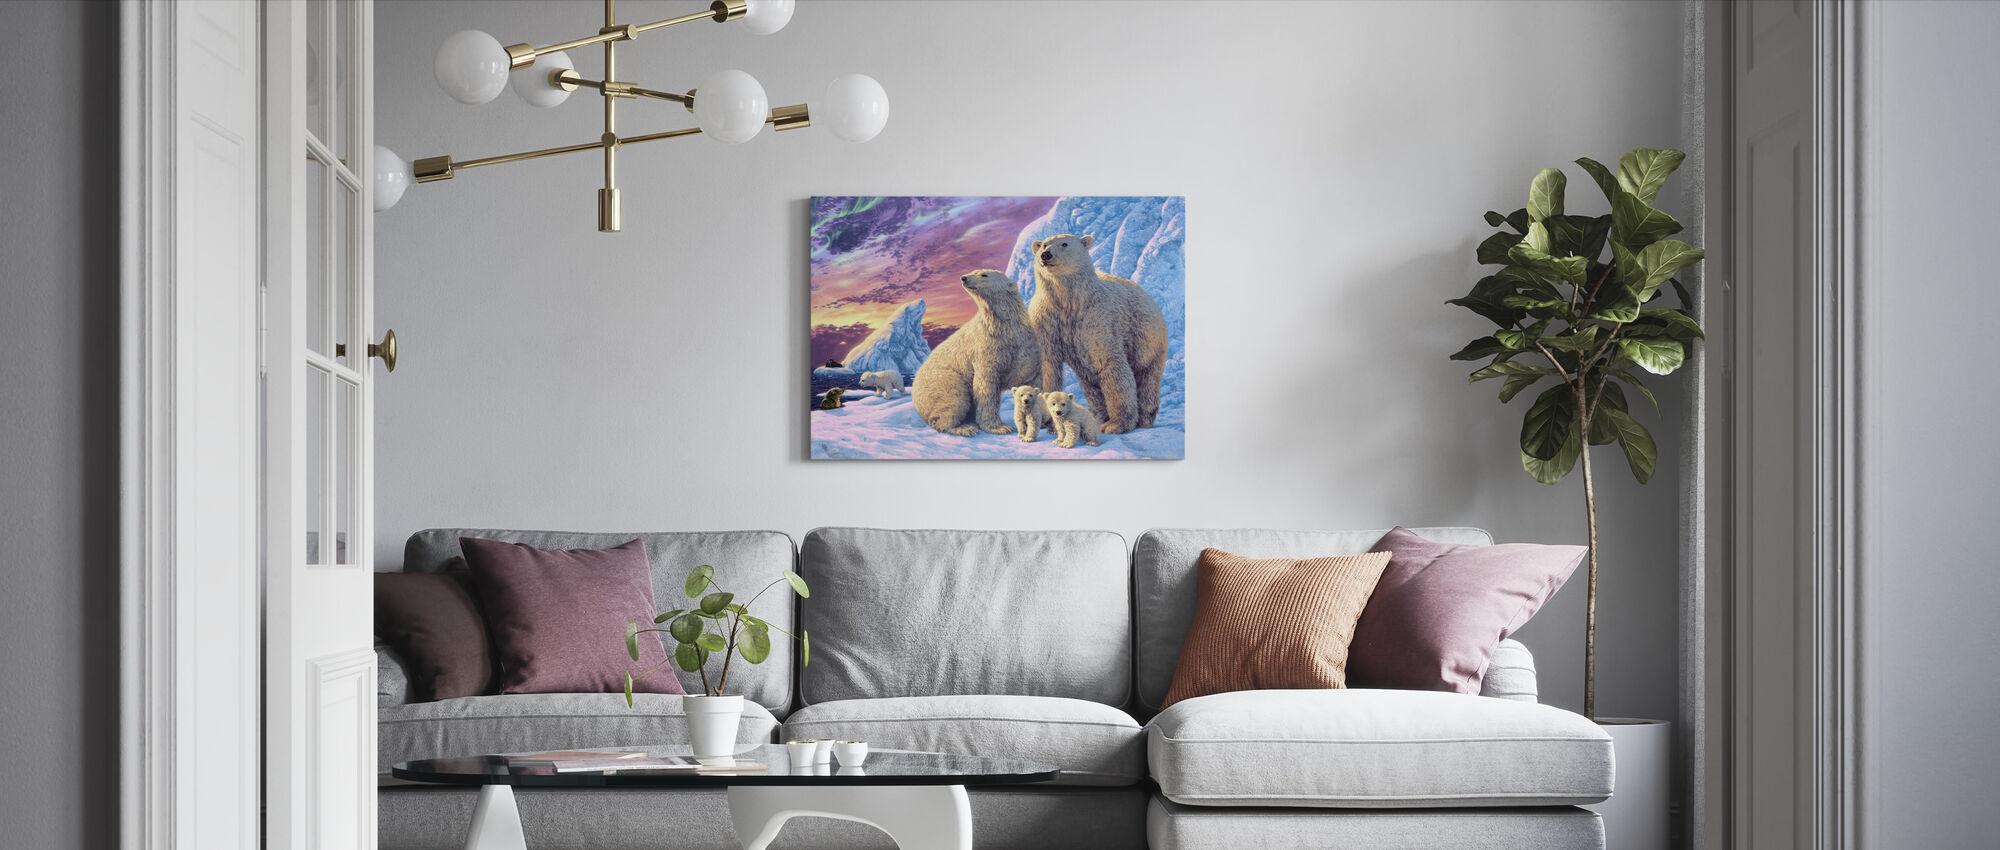 IJsberen - Canvas print - Woonkamer